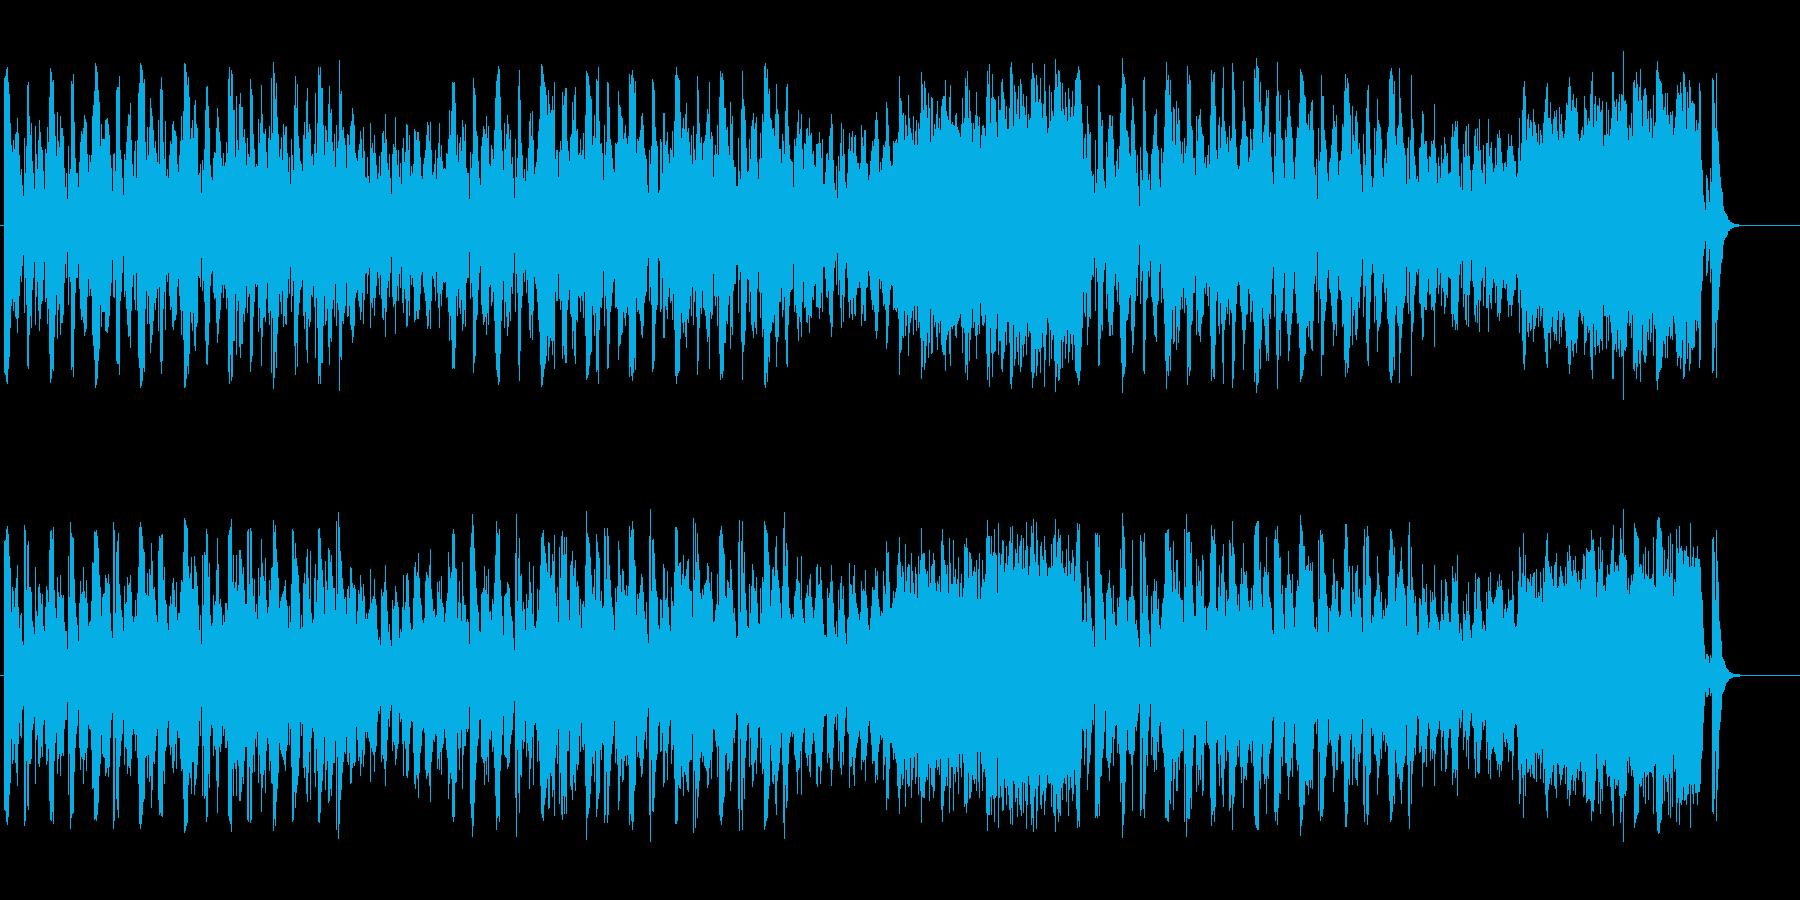 パーカッシヴなアフロ・ミュージック風の再生済みの波形